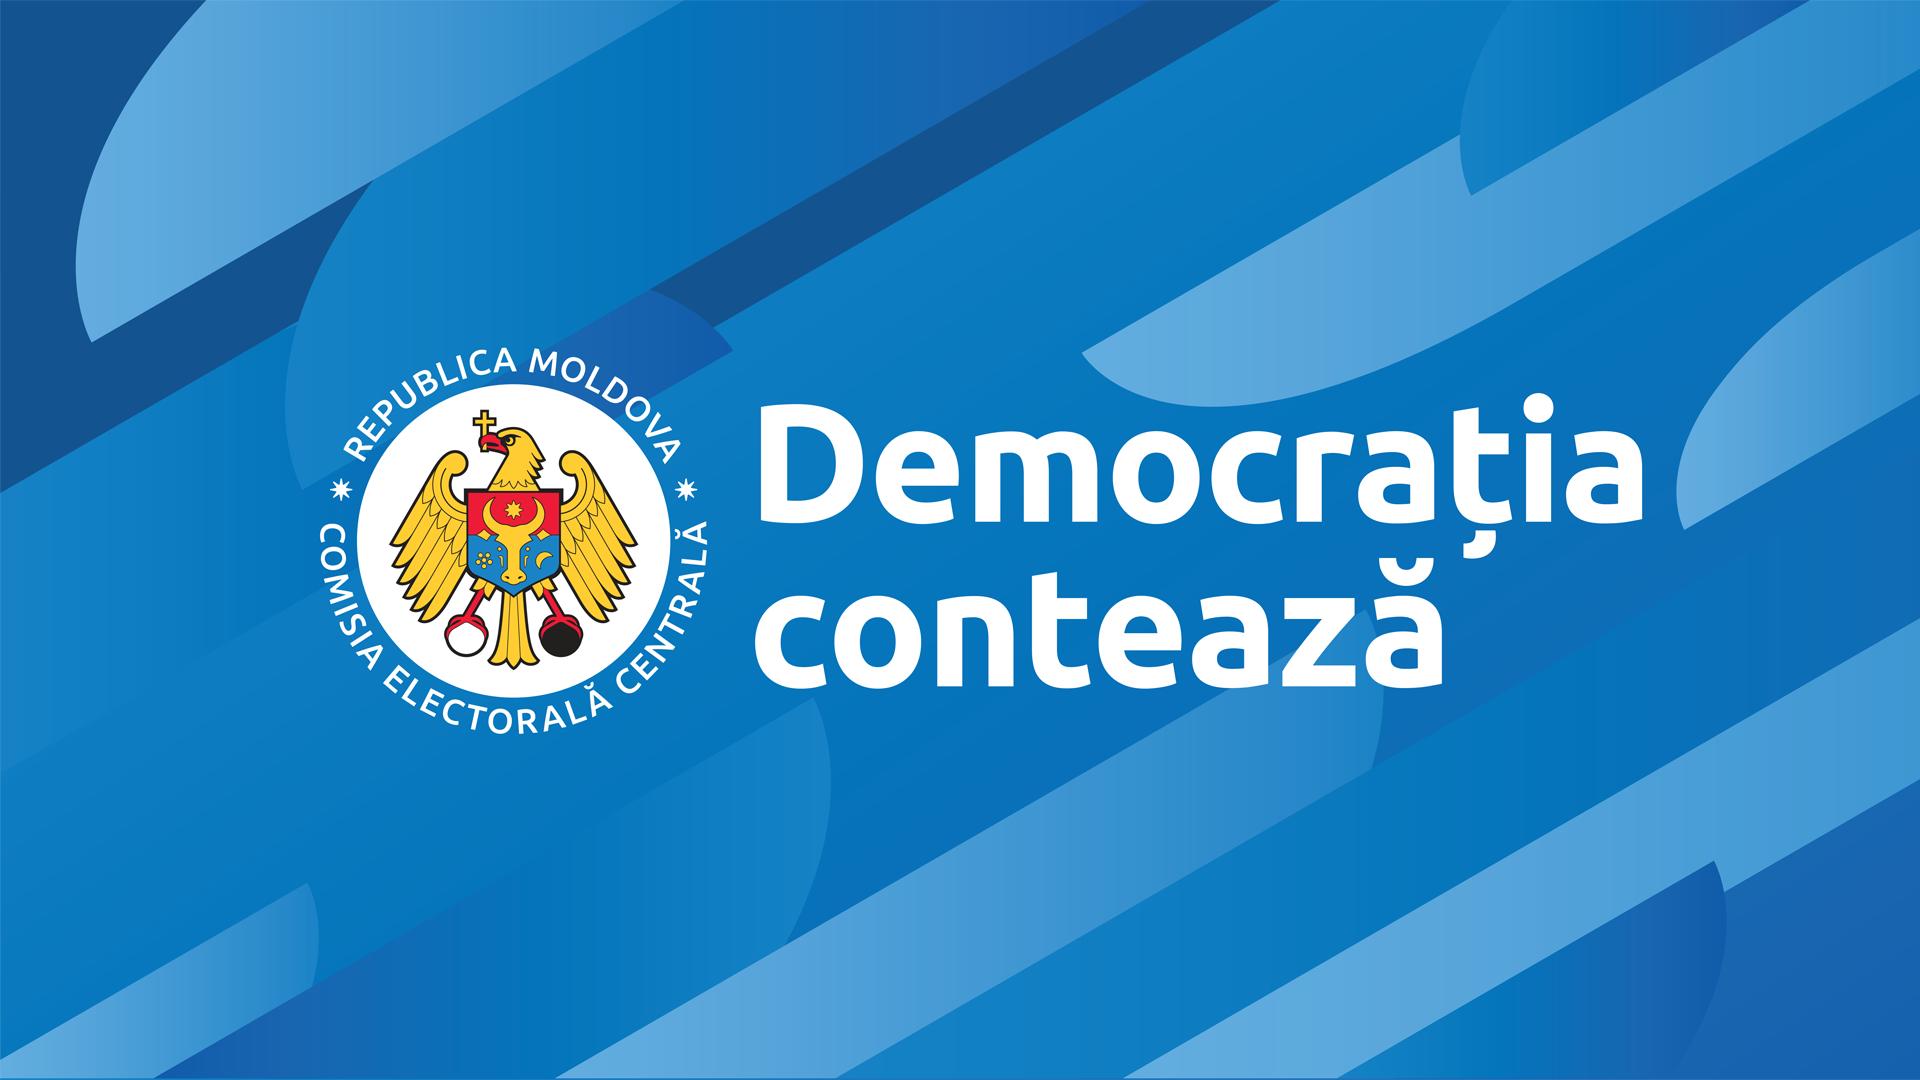 Избирательный участок в Будапеште будет работать по особому графику